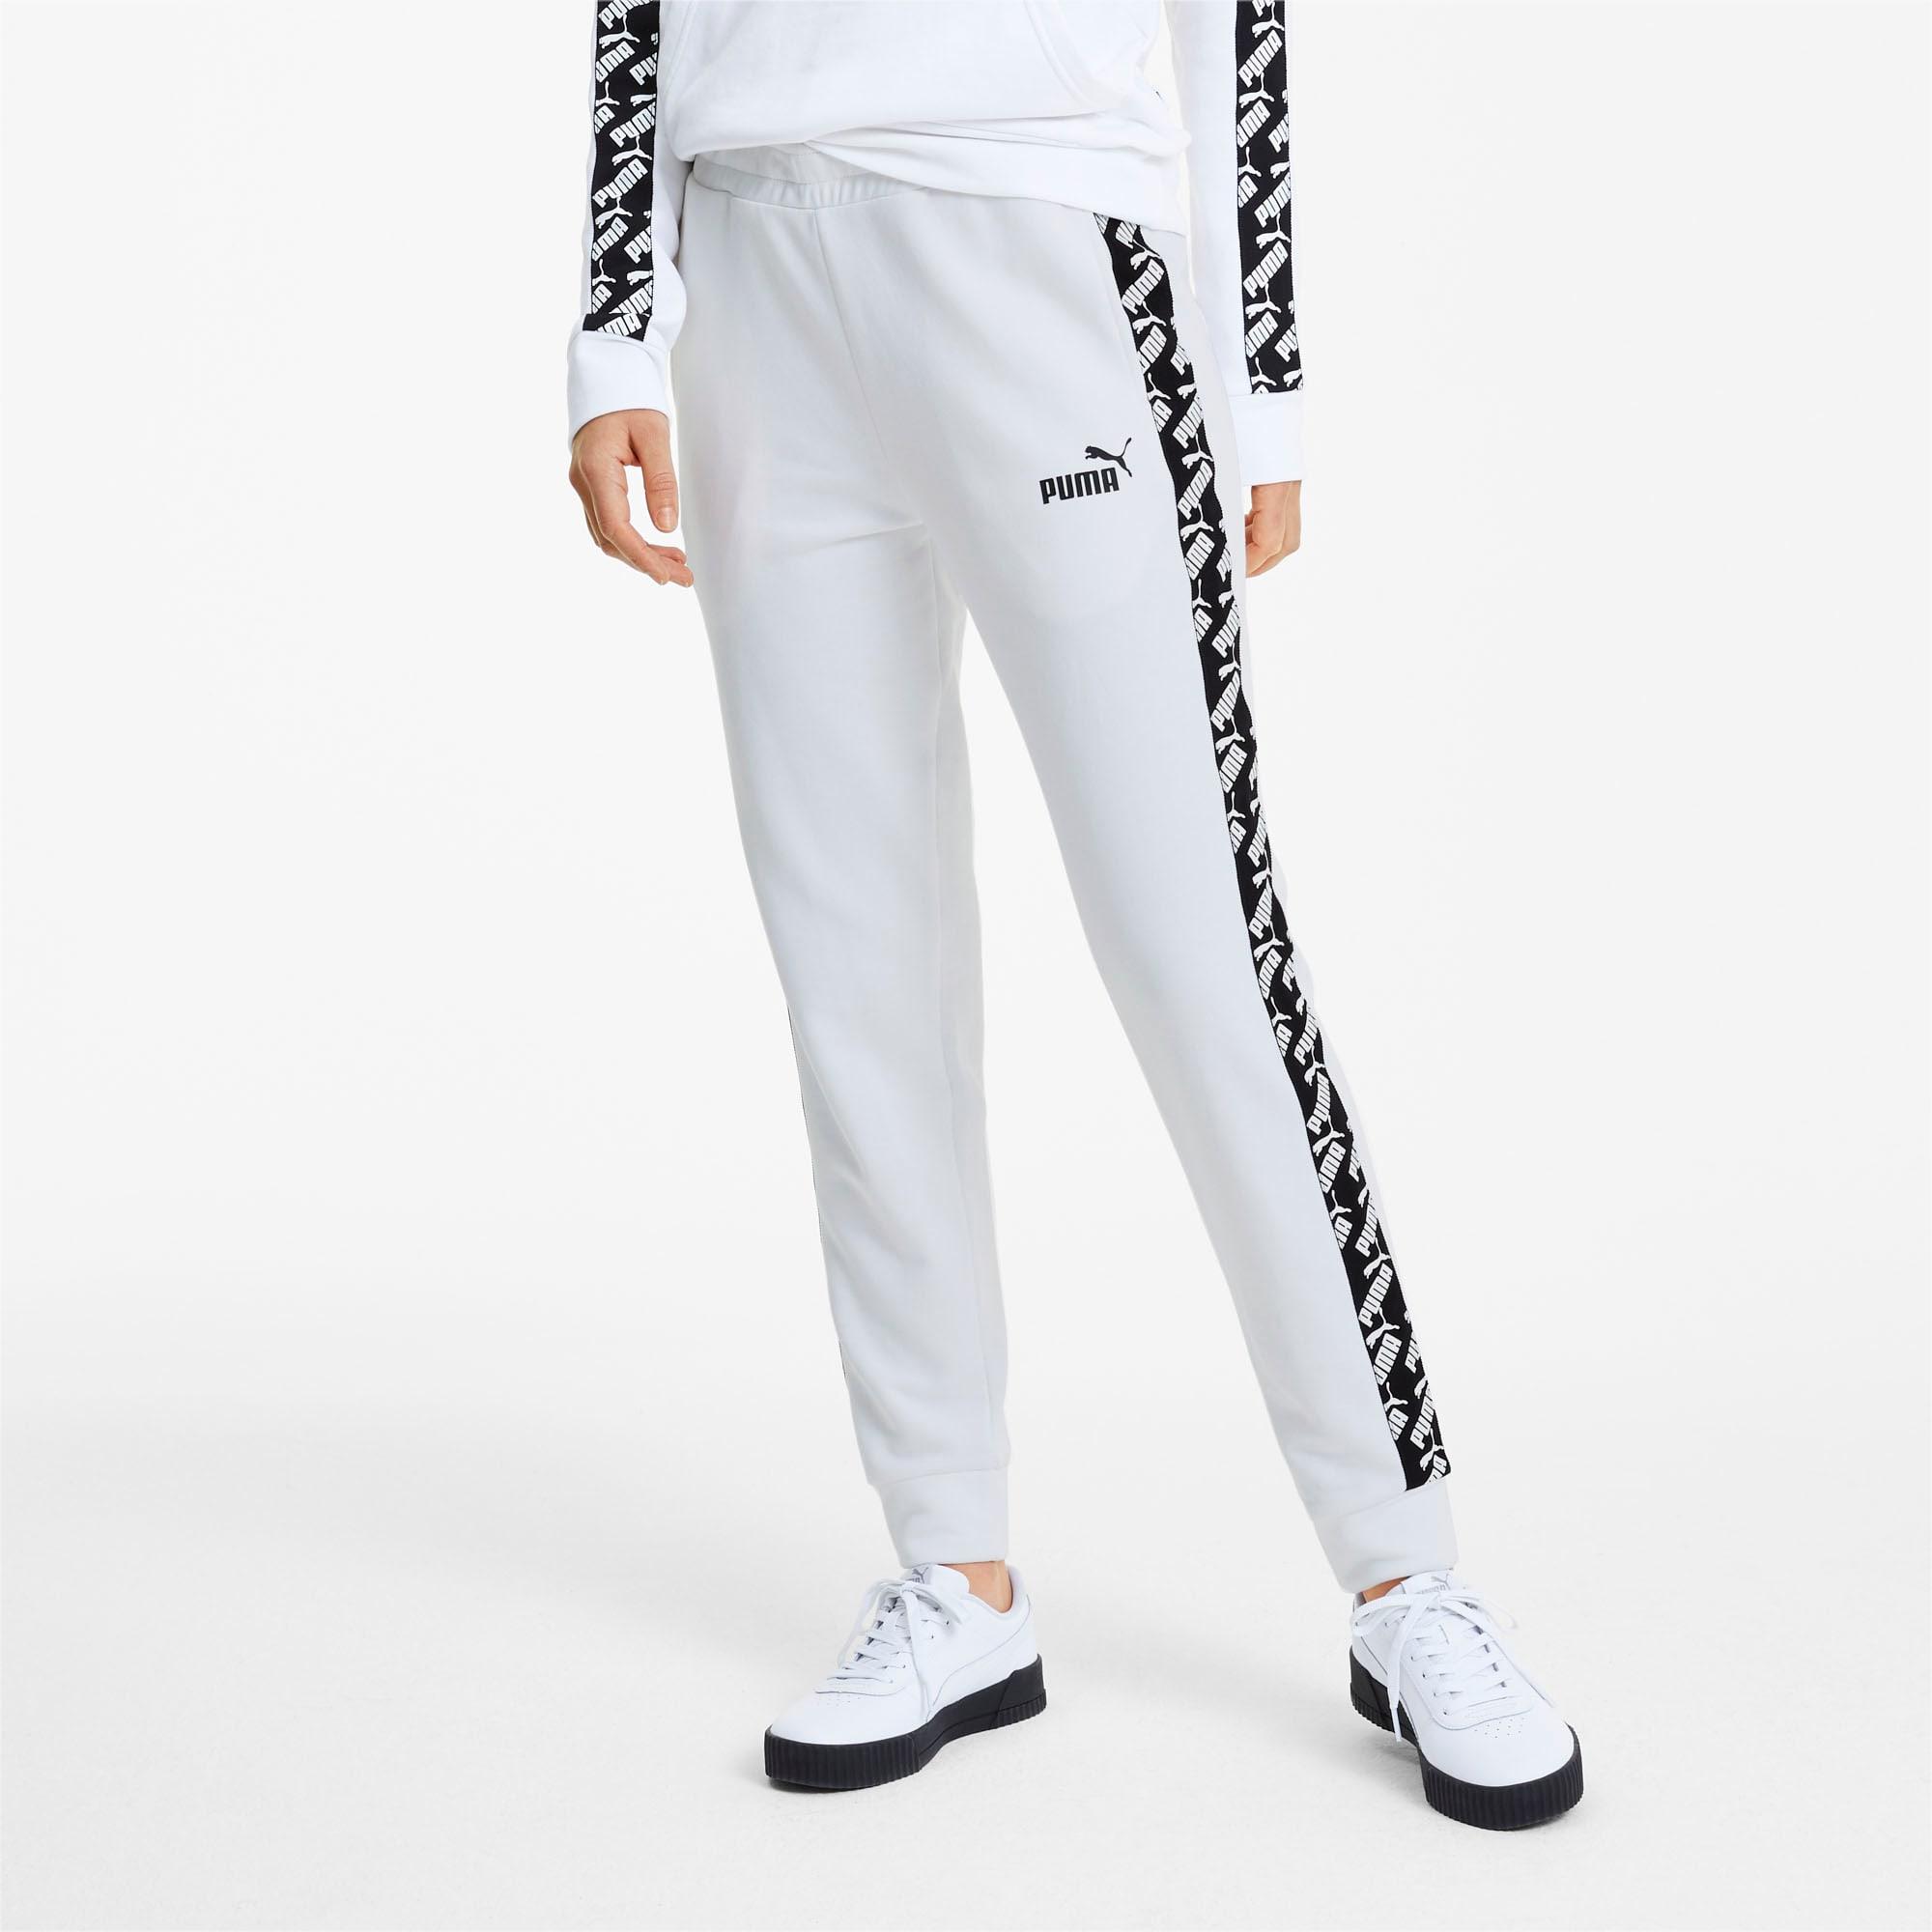 nuovo concetto 2cdad 516fd Pantaloni da ginnastica da donna Amplified   Puma White   PUMA ...